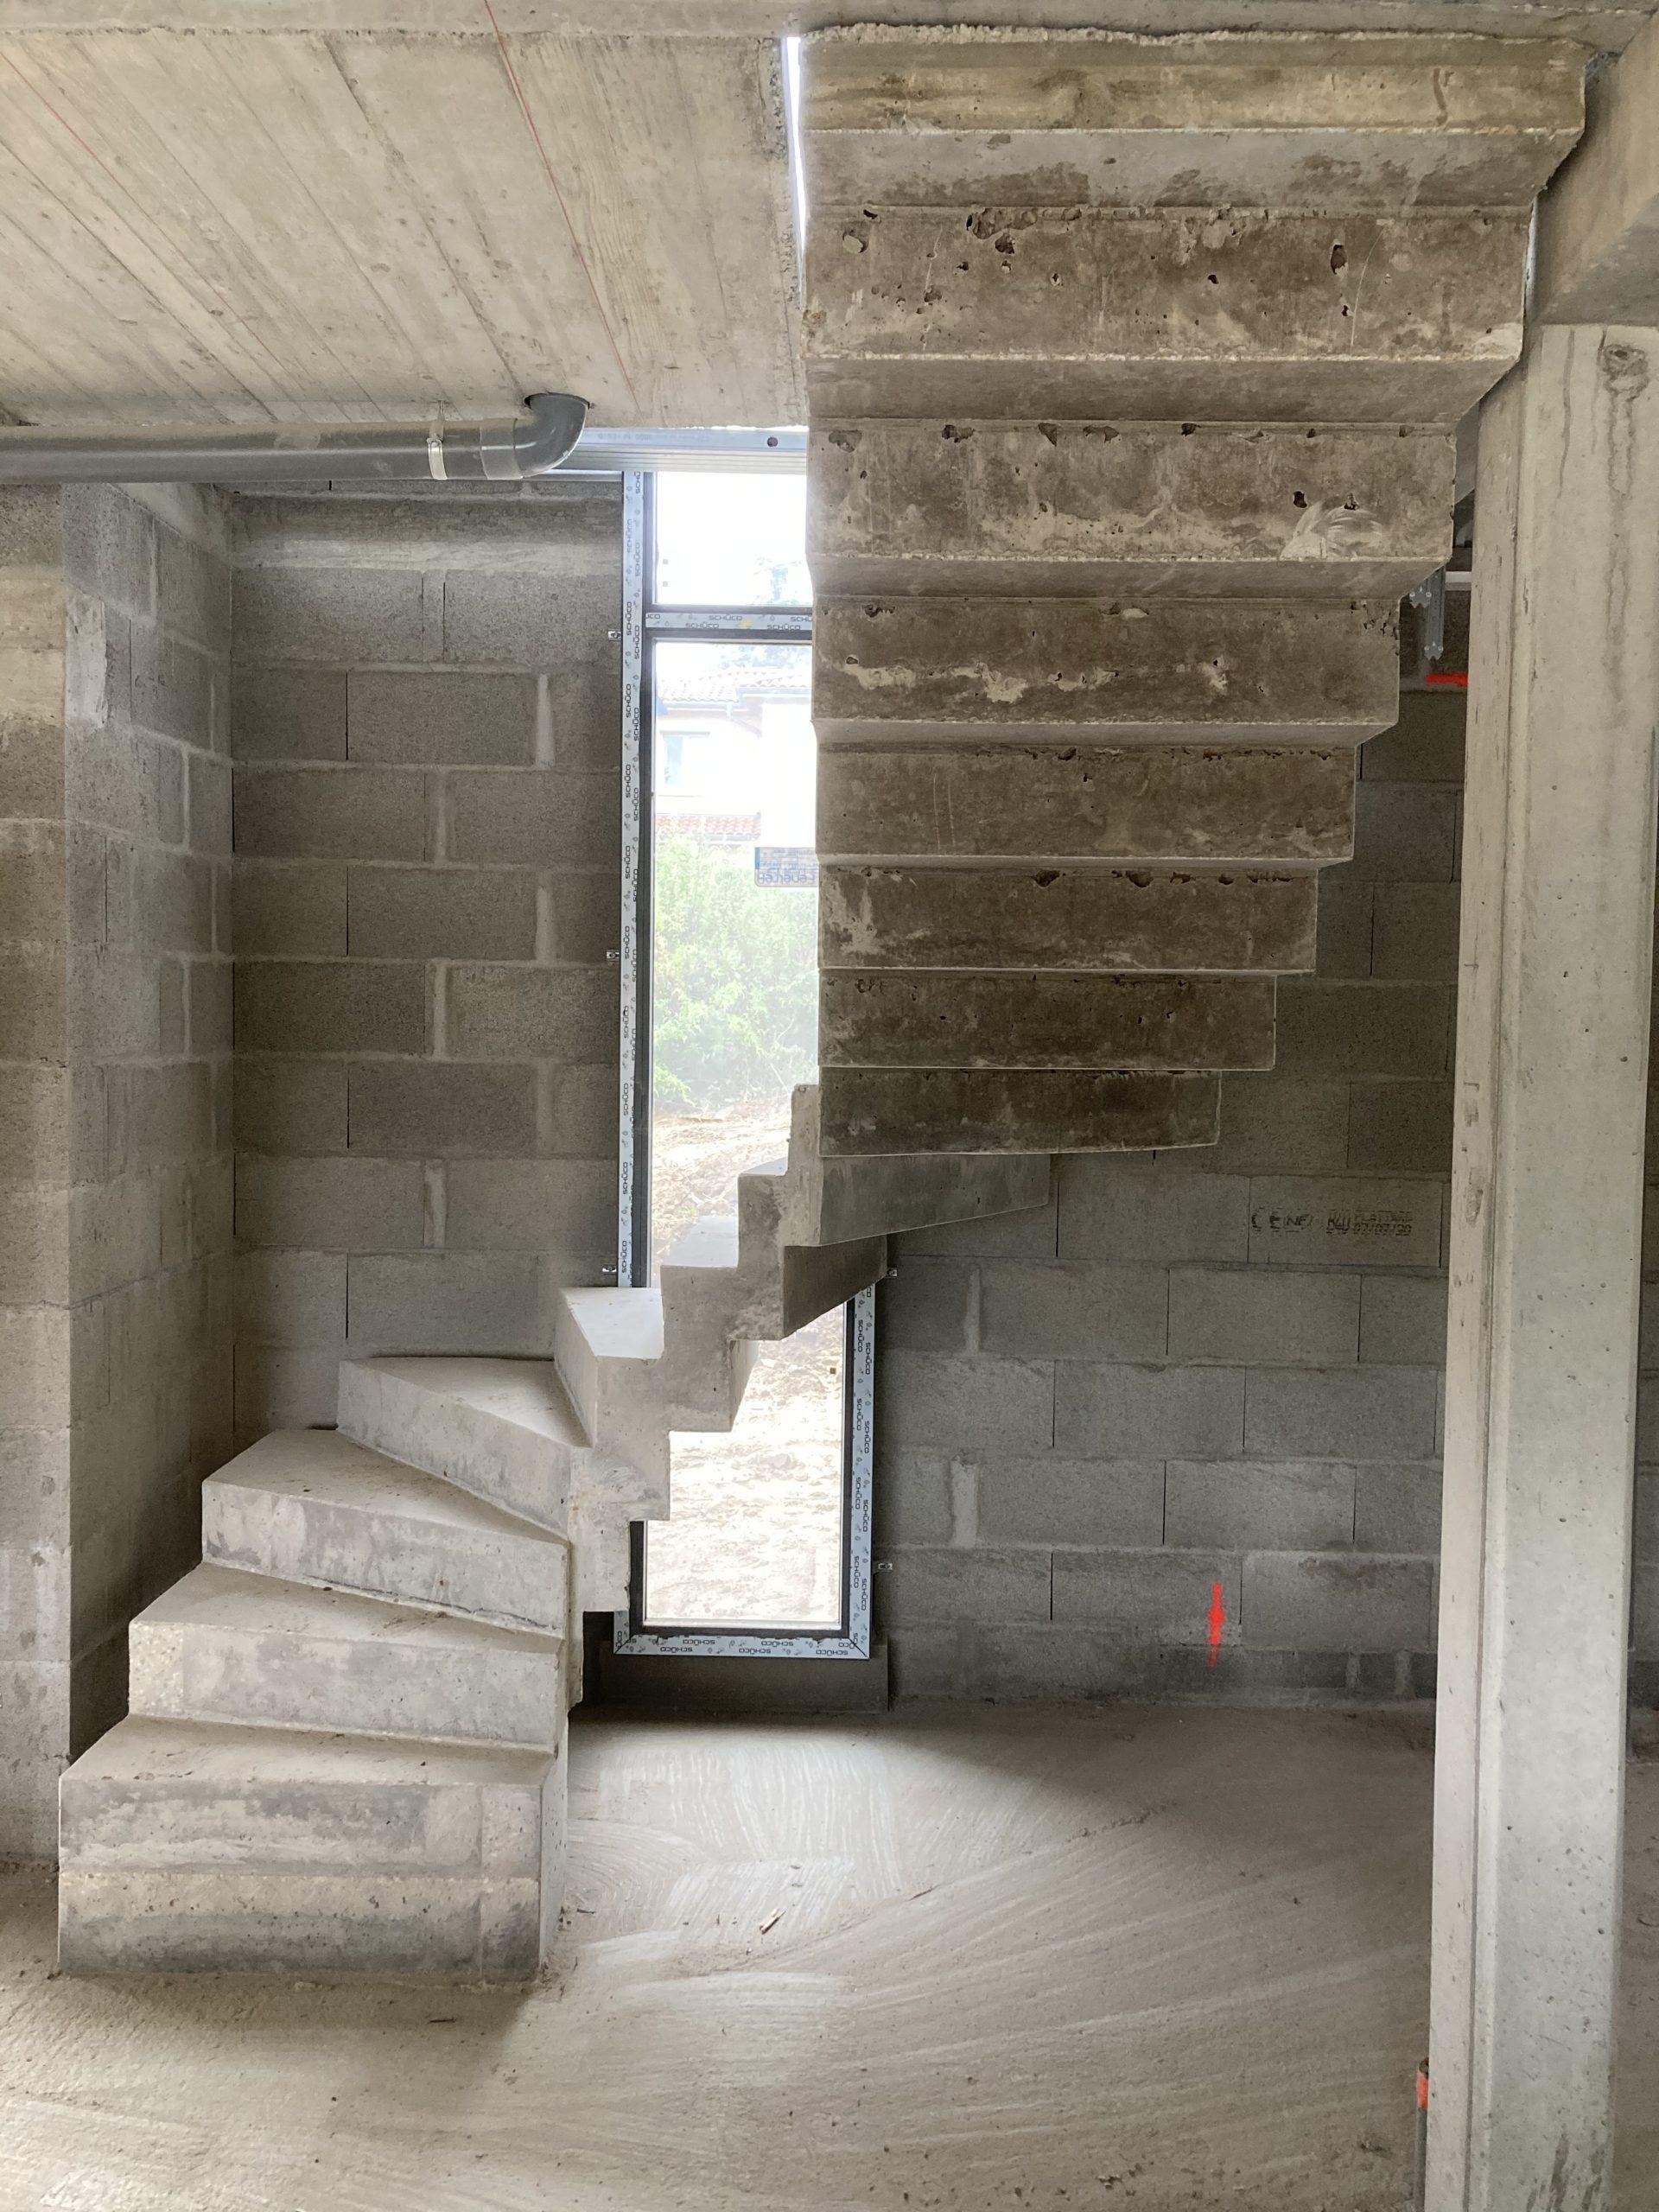 Escalier béton devant une baie vitrée dans une maison individuelle